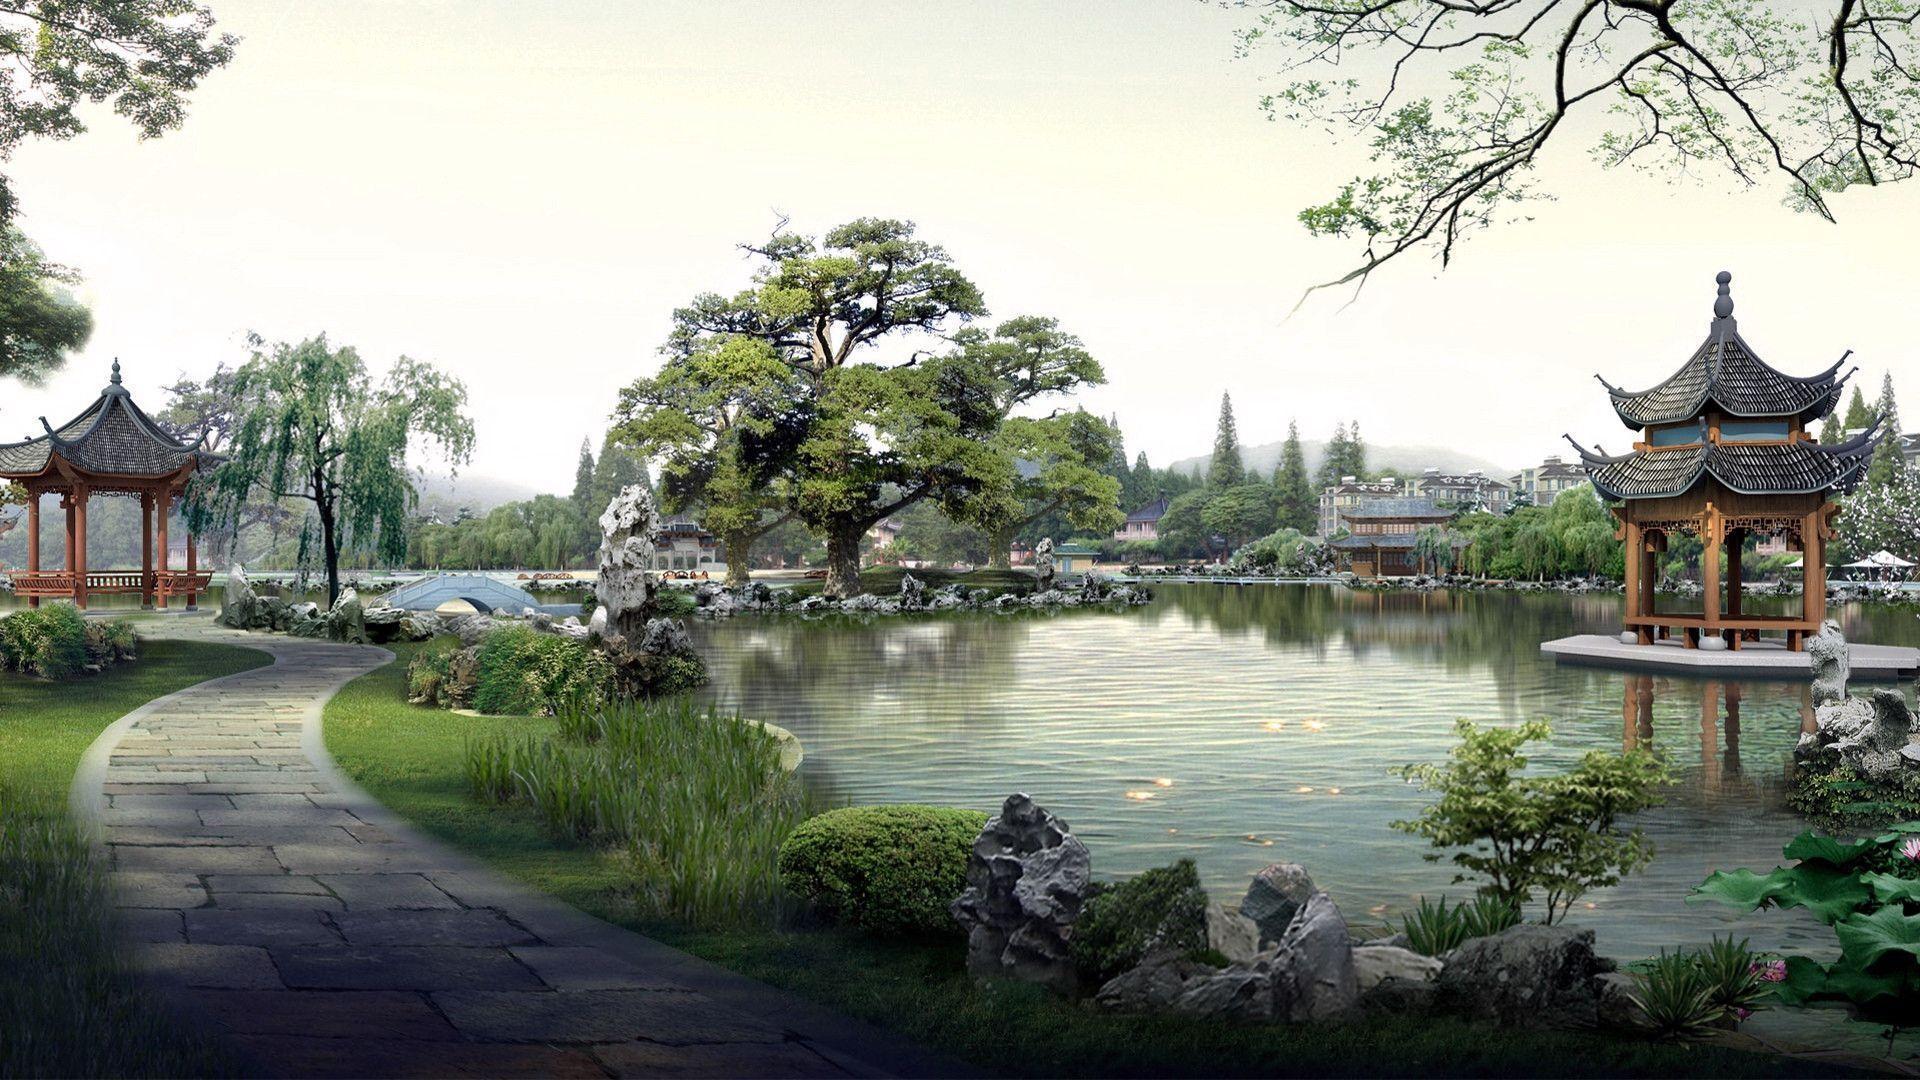 Japanese Garden widescreen wallpaper | Wide-